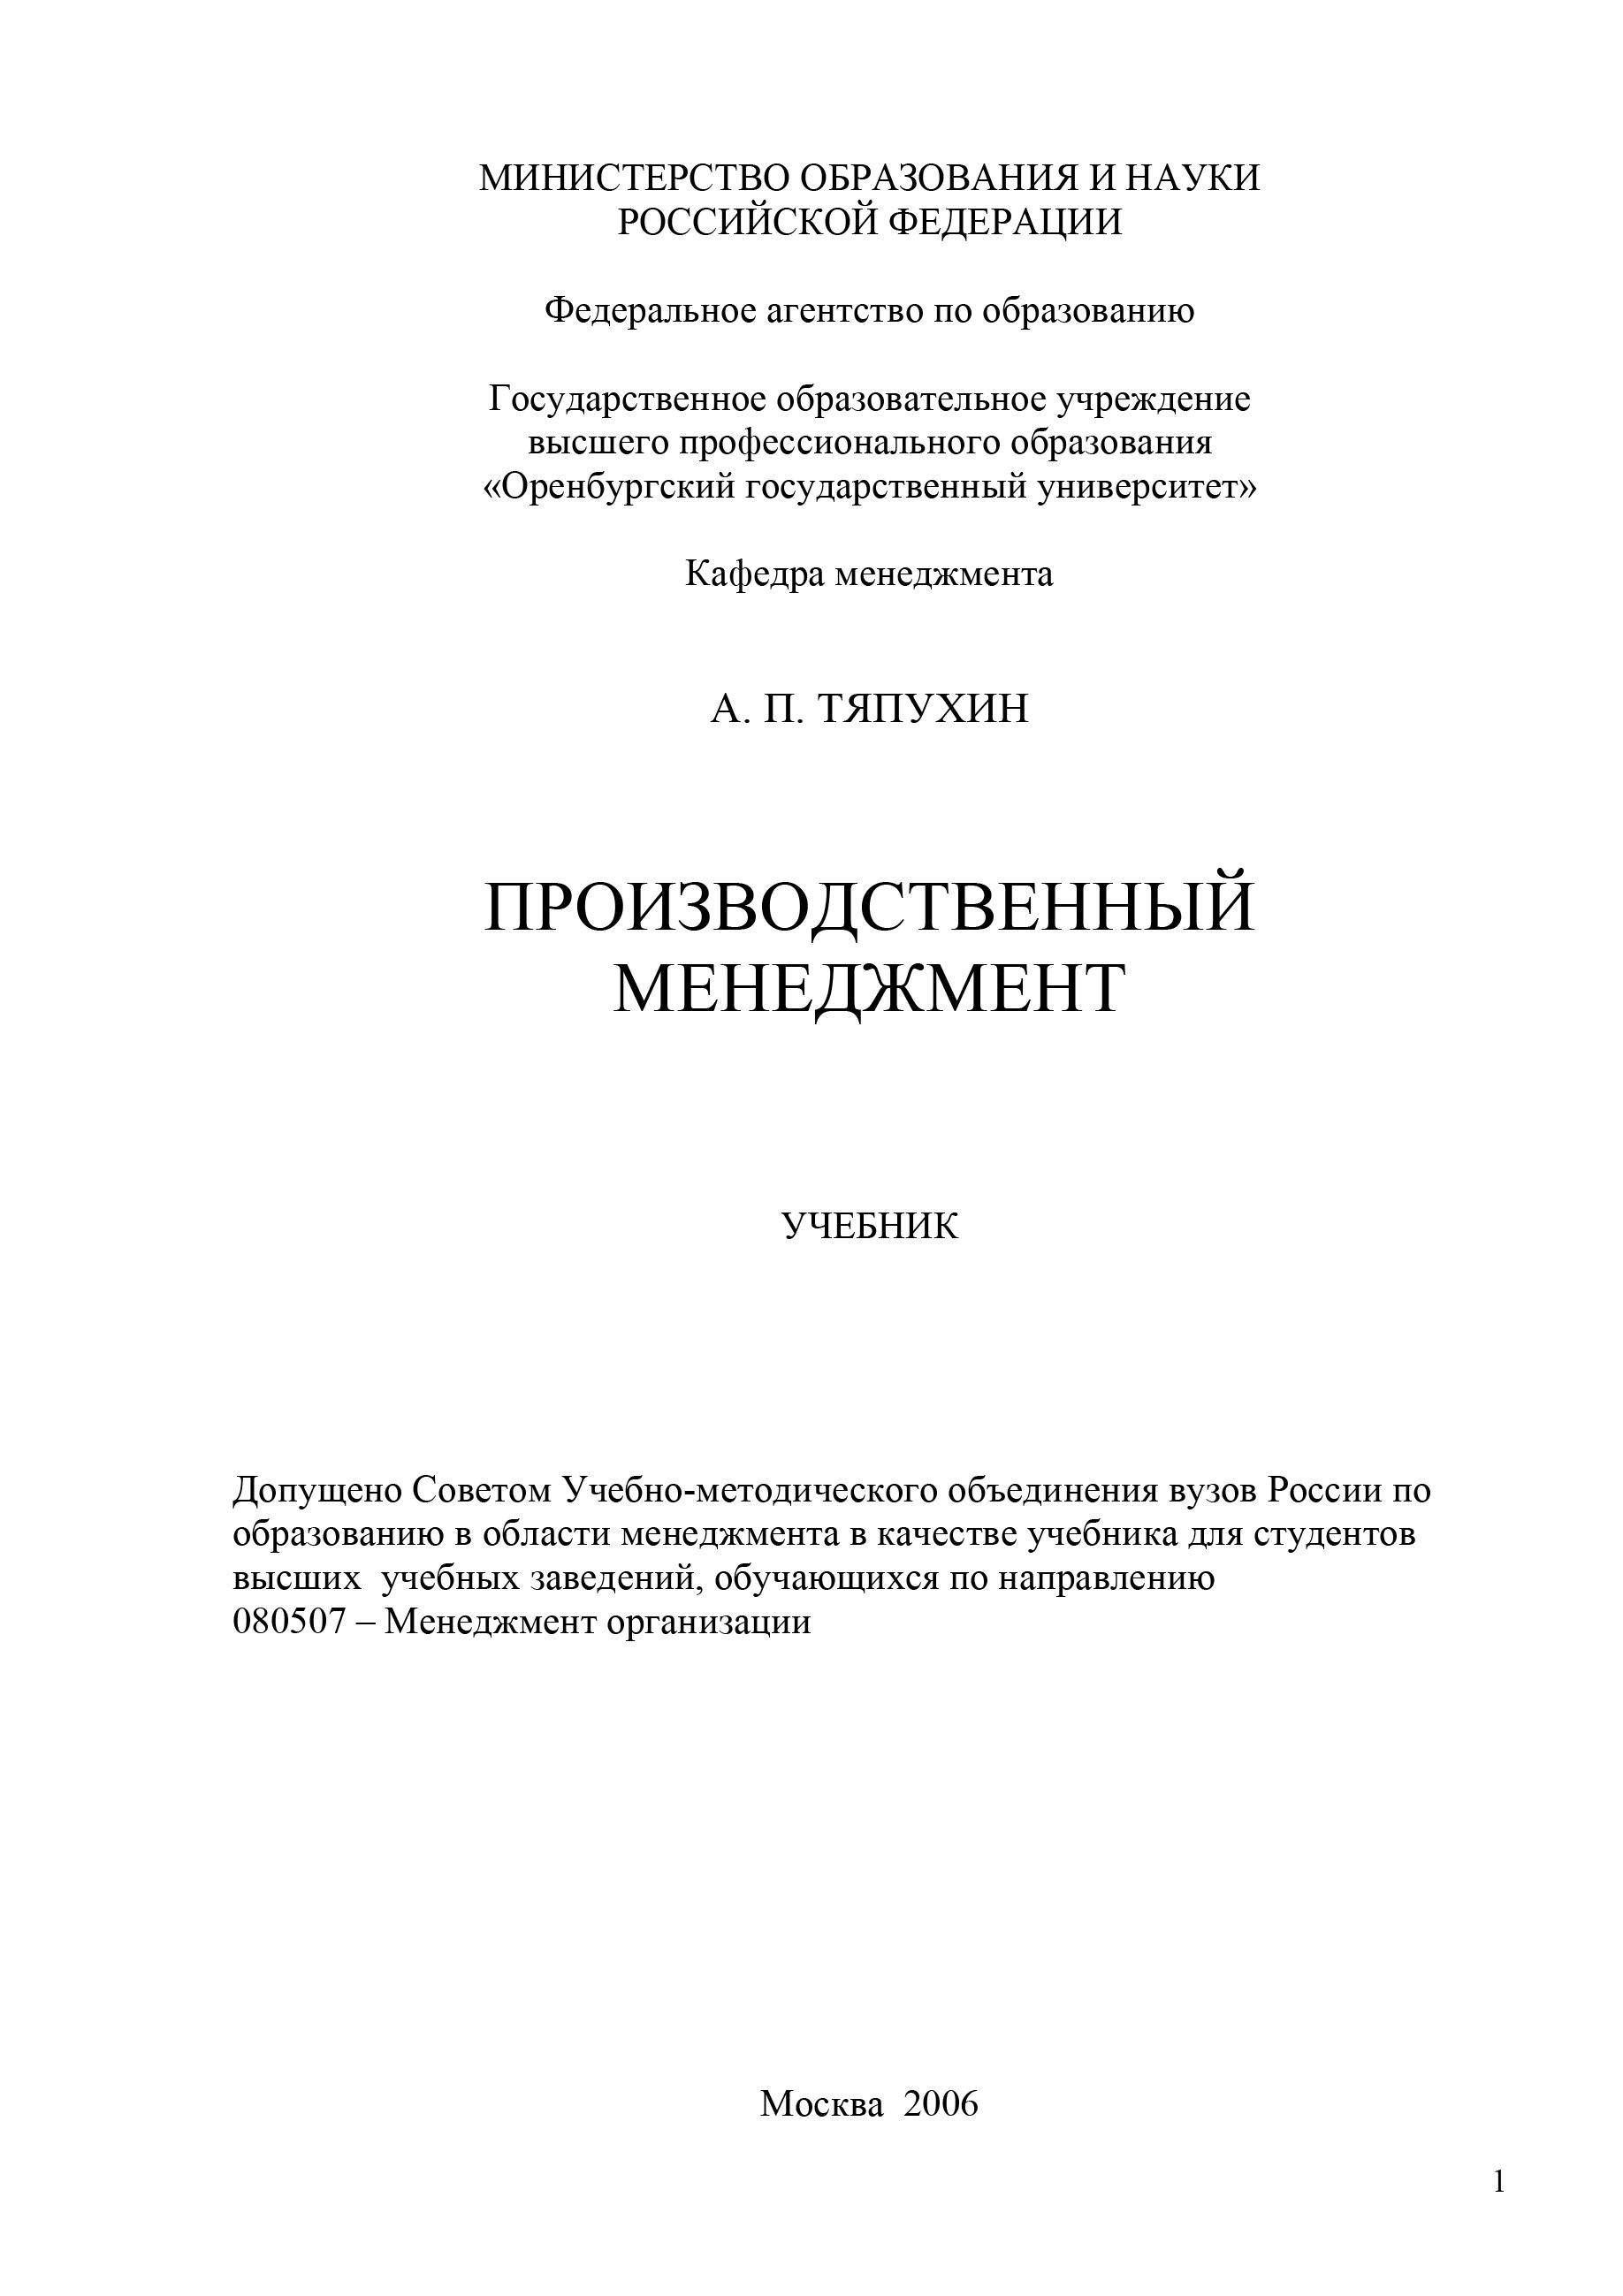 Алексей Петрович Тяпухин Производственный менеджмент цены